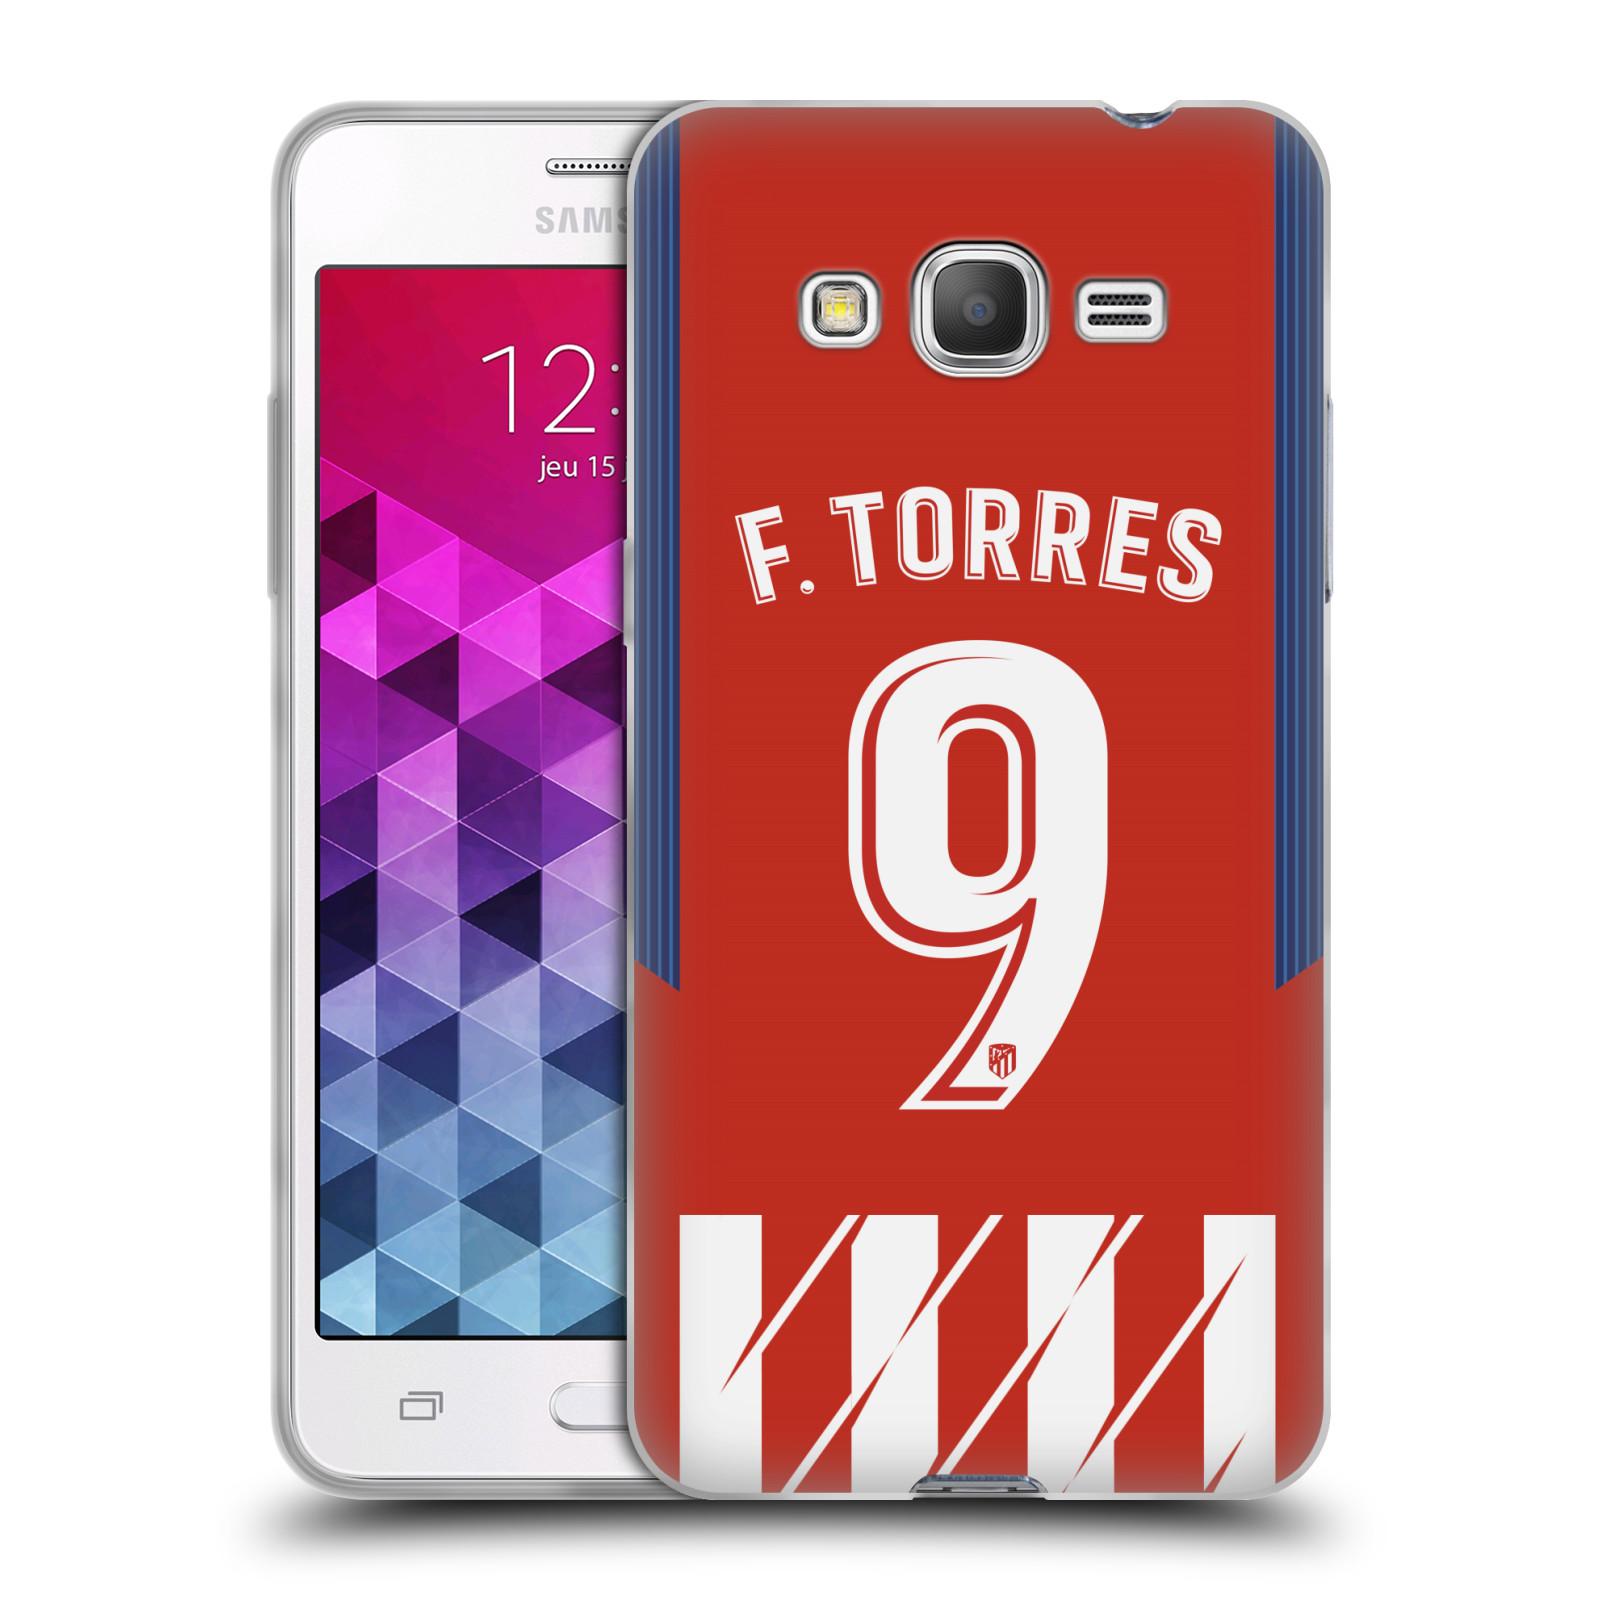 HEAD CASE silikonový obal na mobil Samsung Galaxy Grand Prime Fotbalový klub Atlético Madrid dres Fernando Torres